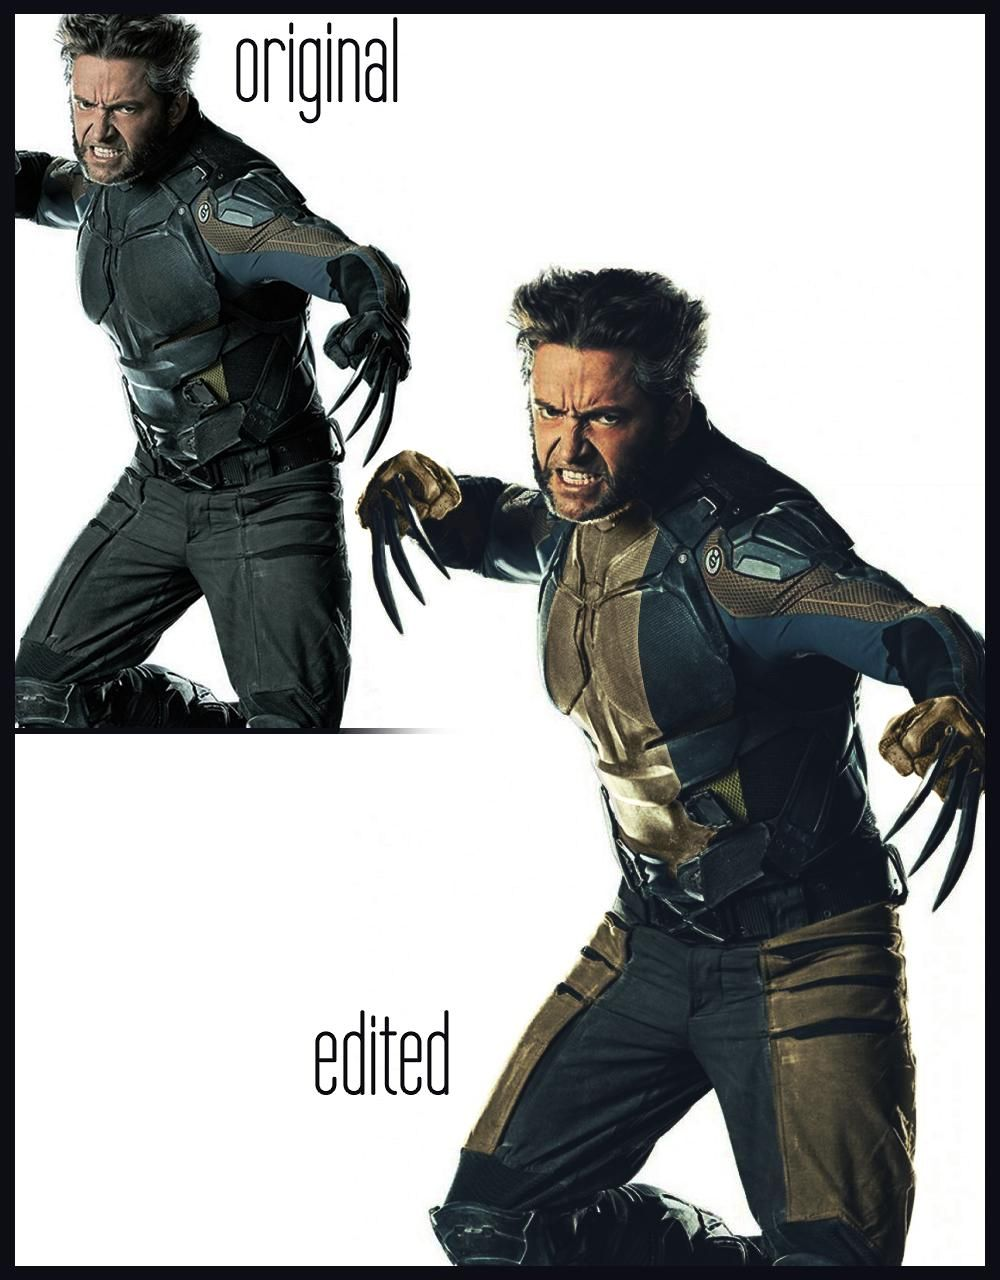 X Men Days Of Future Past Wolverine Suit Classic Suit Photoshop Wolverine Suit Old Man Wolverine Classic Suit